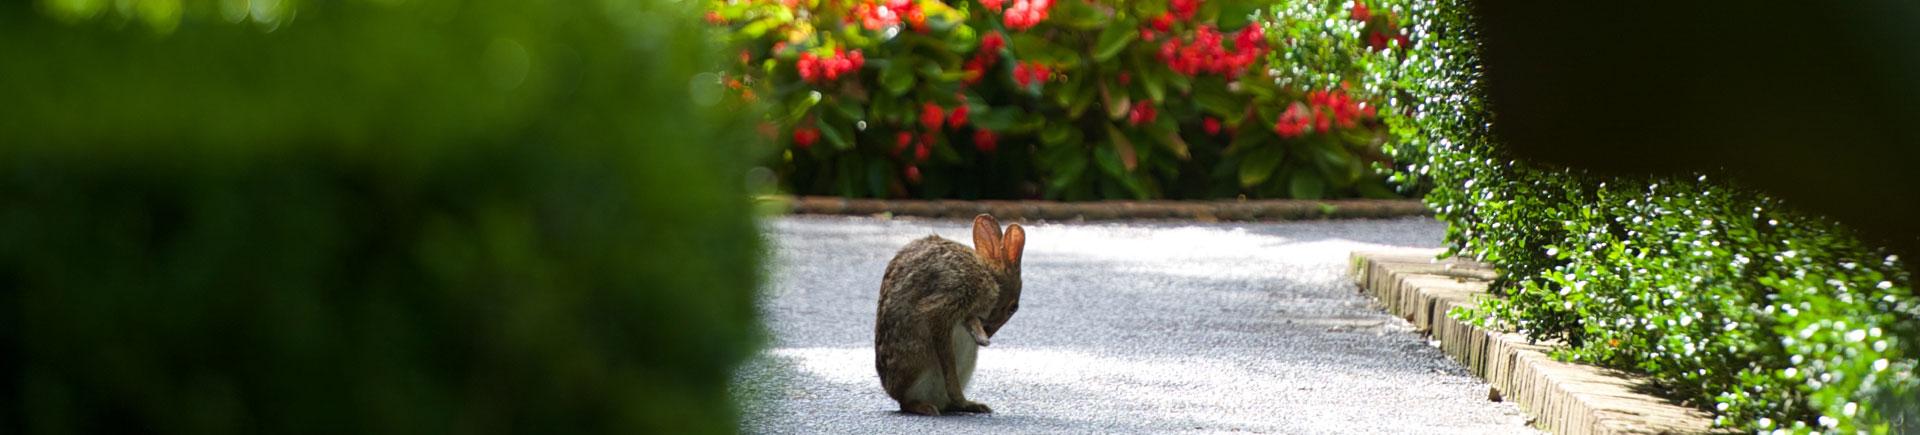 bunny_1920_435